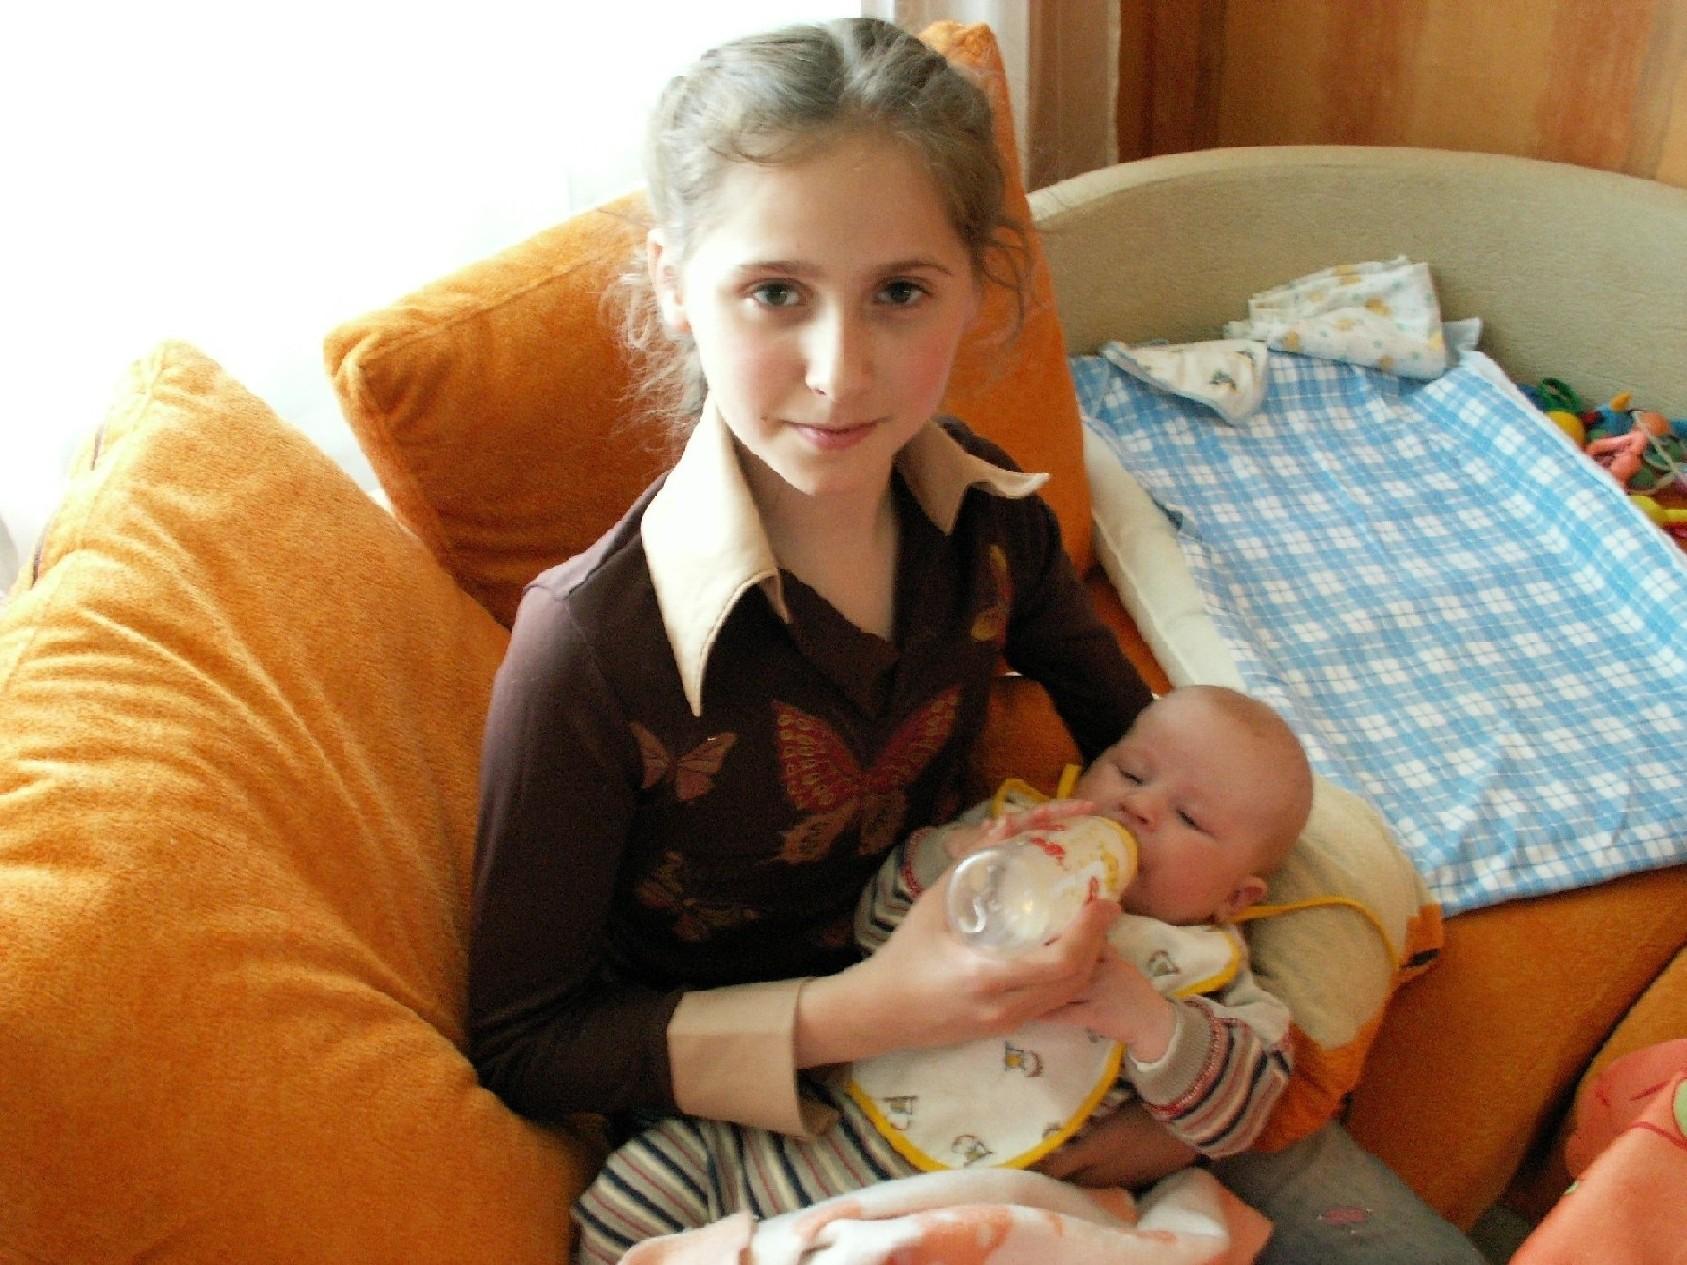 И друг, и маленькая мама. Мы - веселые друзья